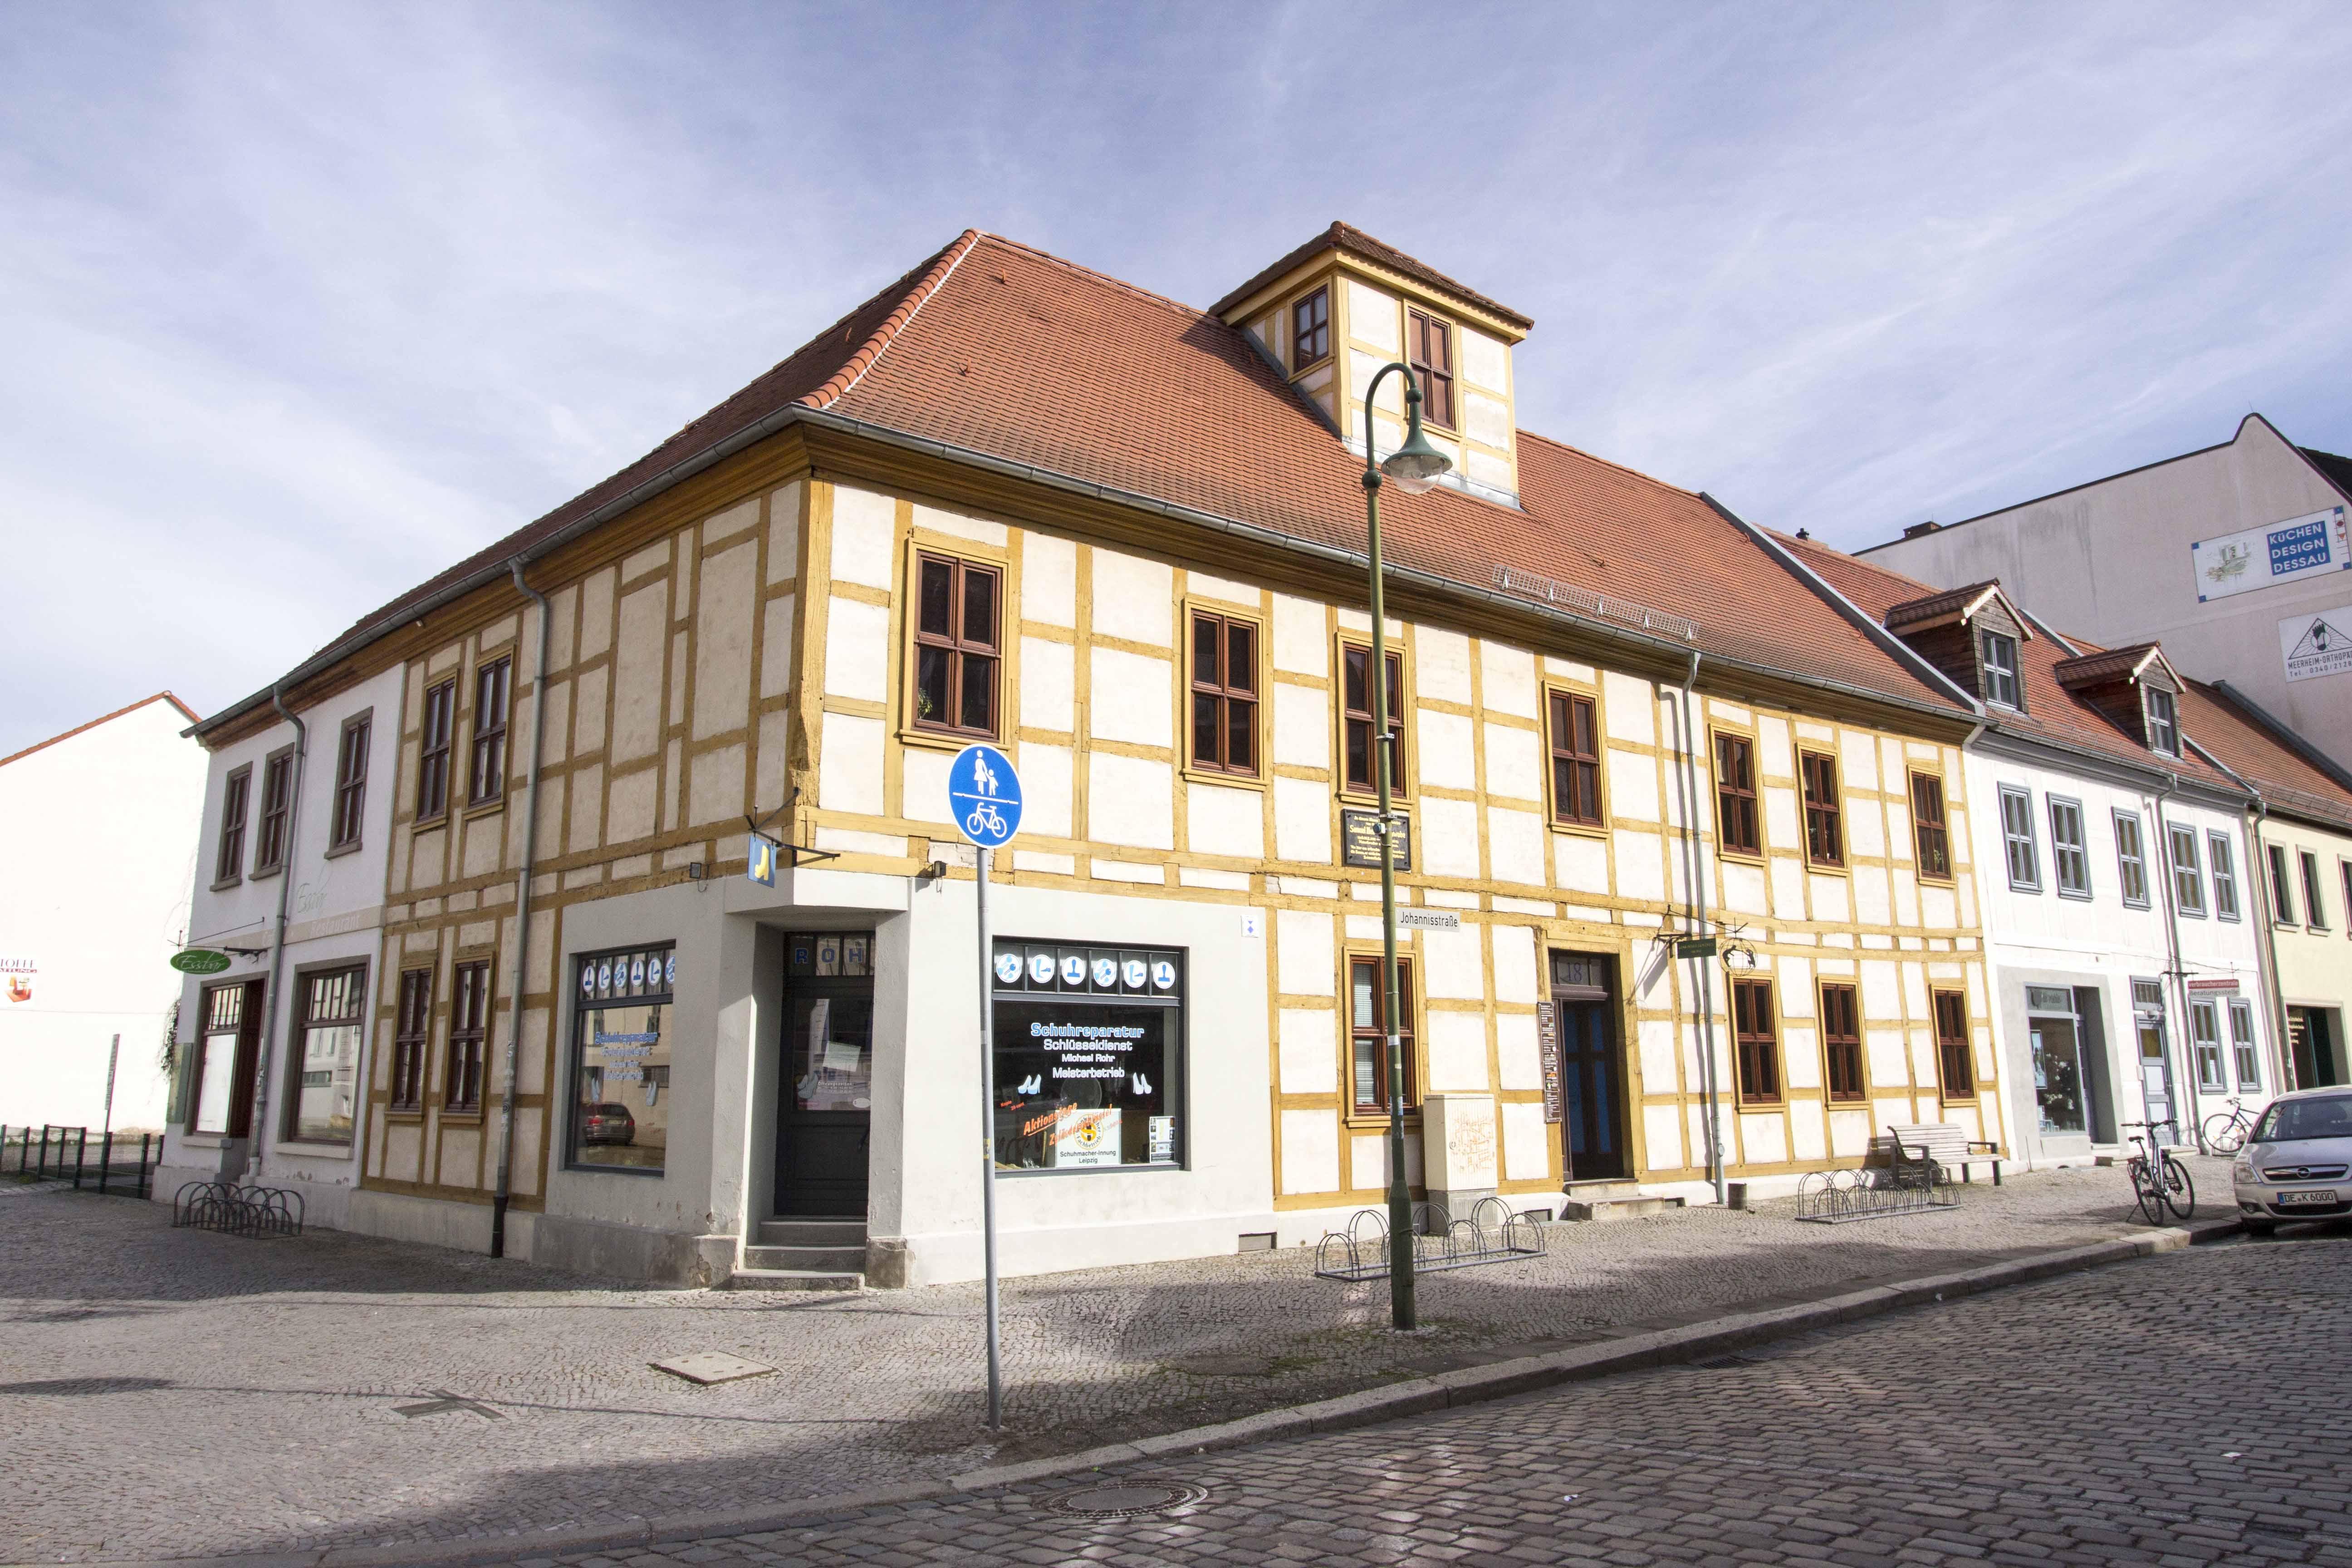 Palais Schwabehaus